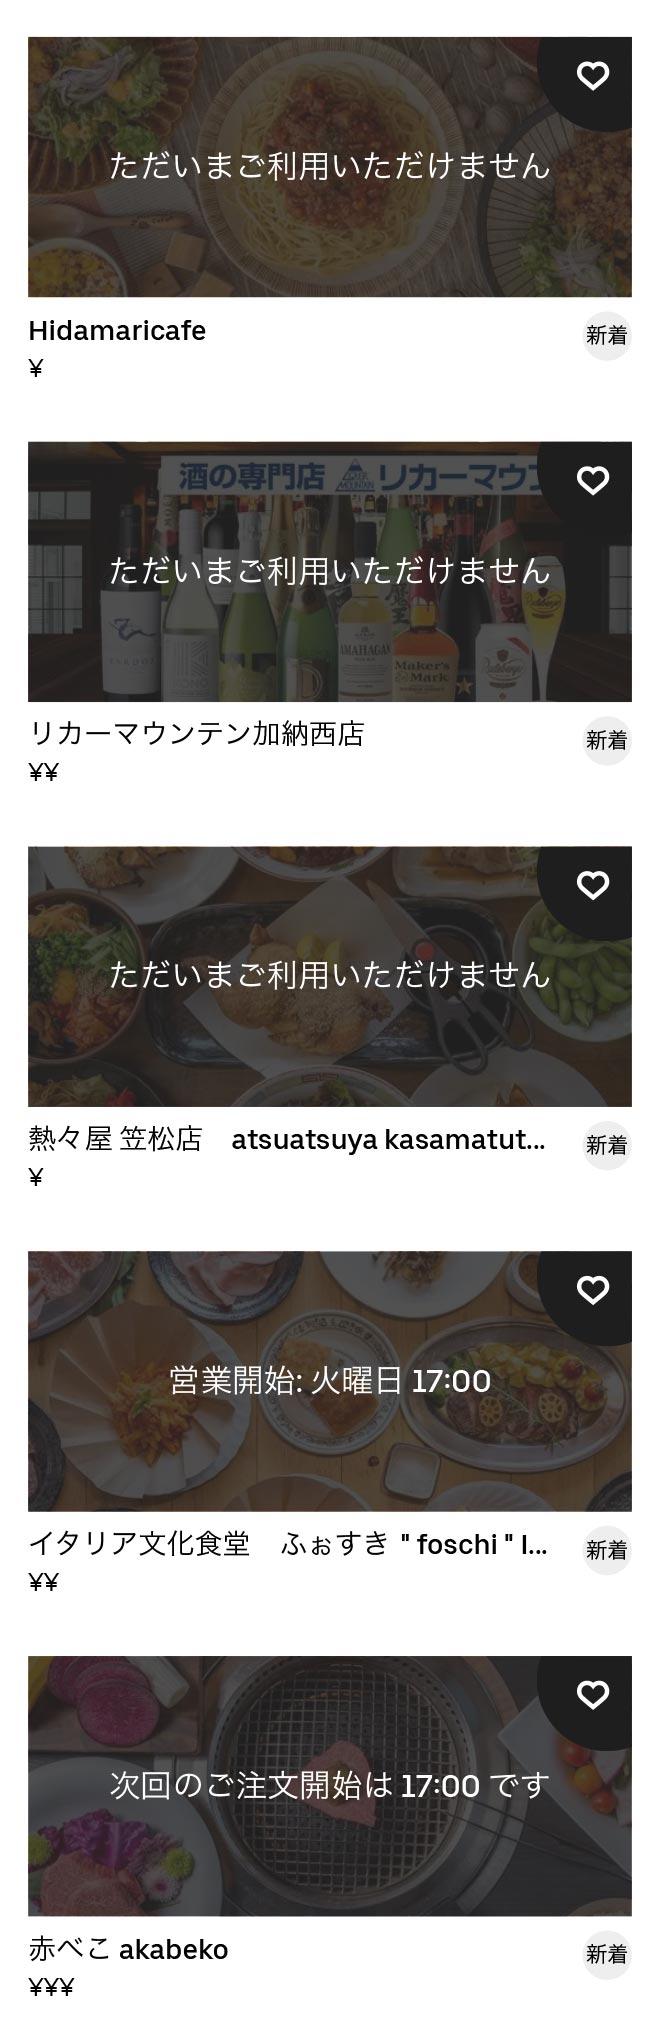 Nishi gifu menu 2012 05